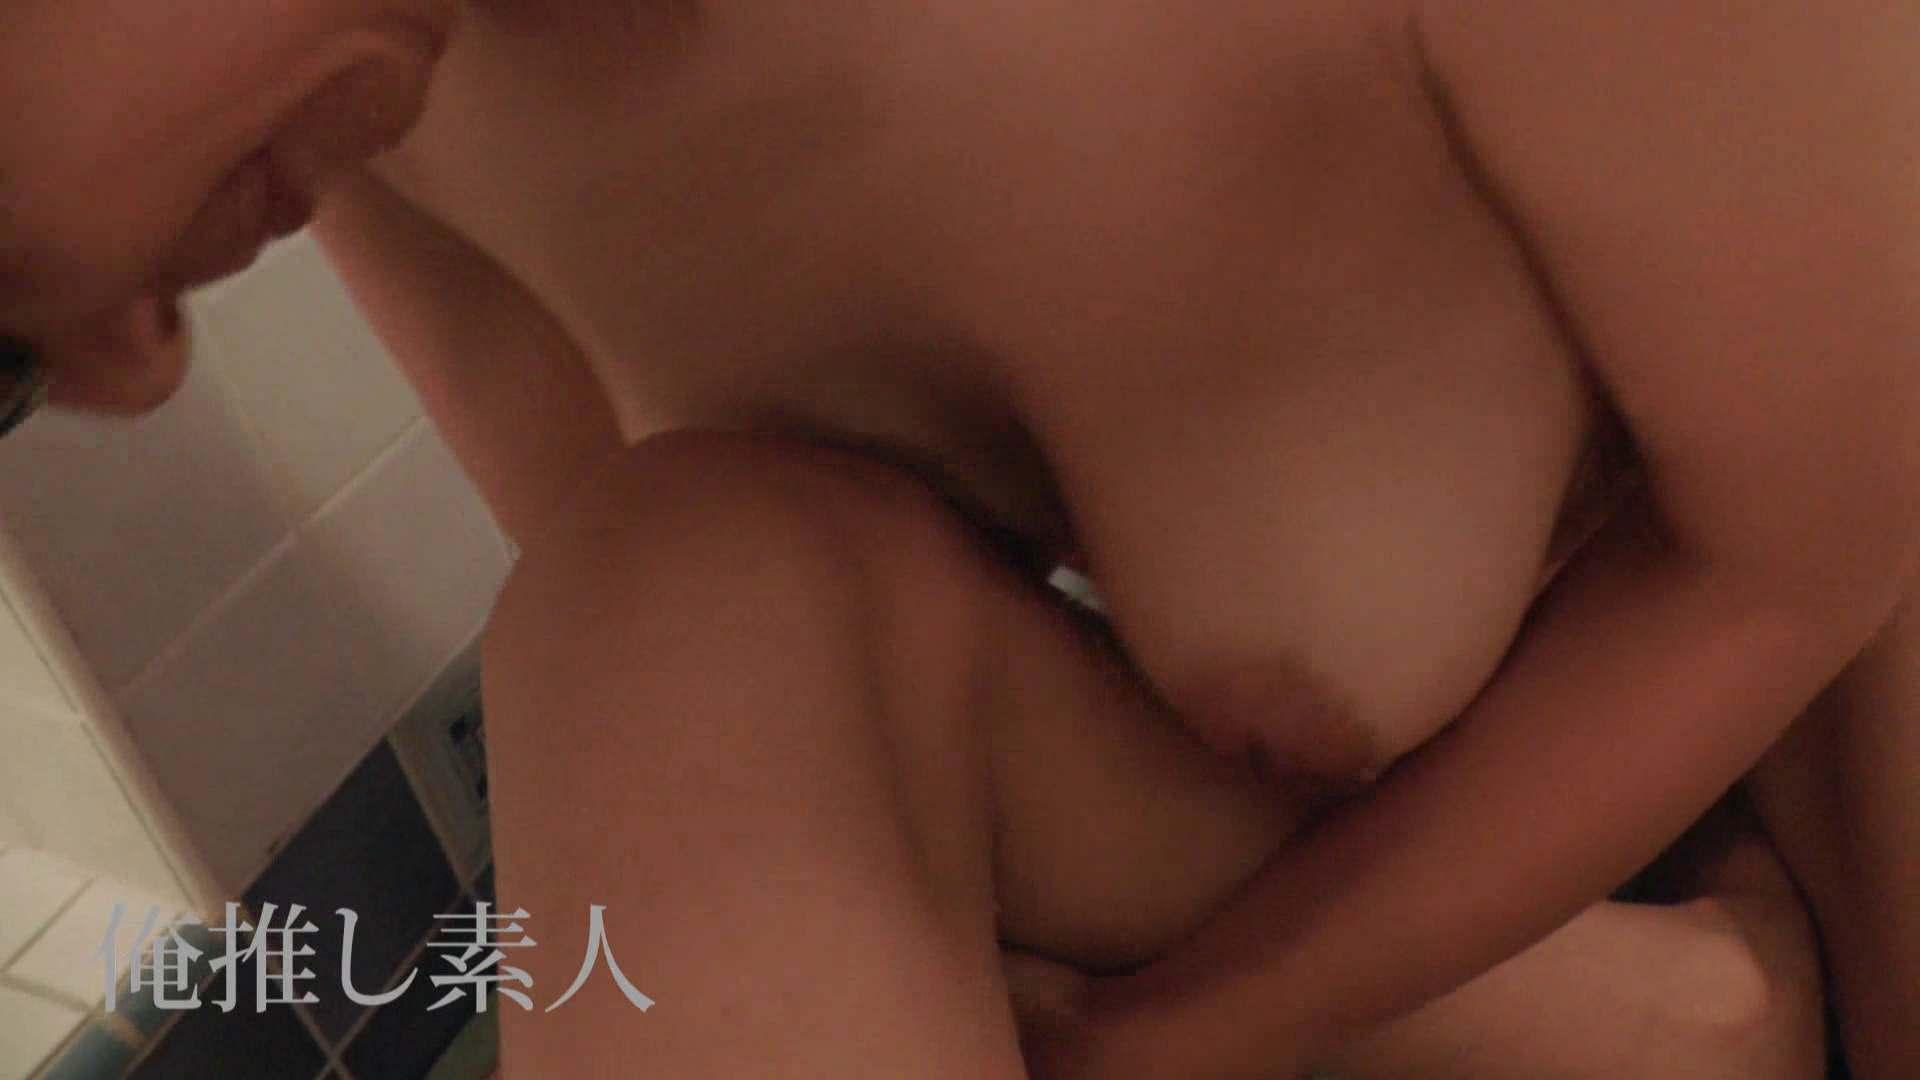 俺推し素人 30代人妻熟女キャバ嬢雫Vol.02 おっぱい   OL  66連発 45